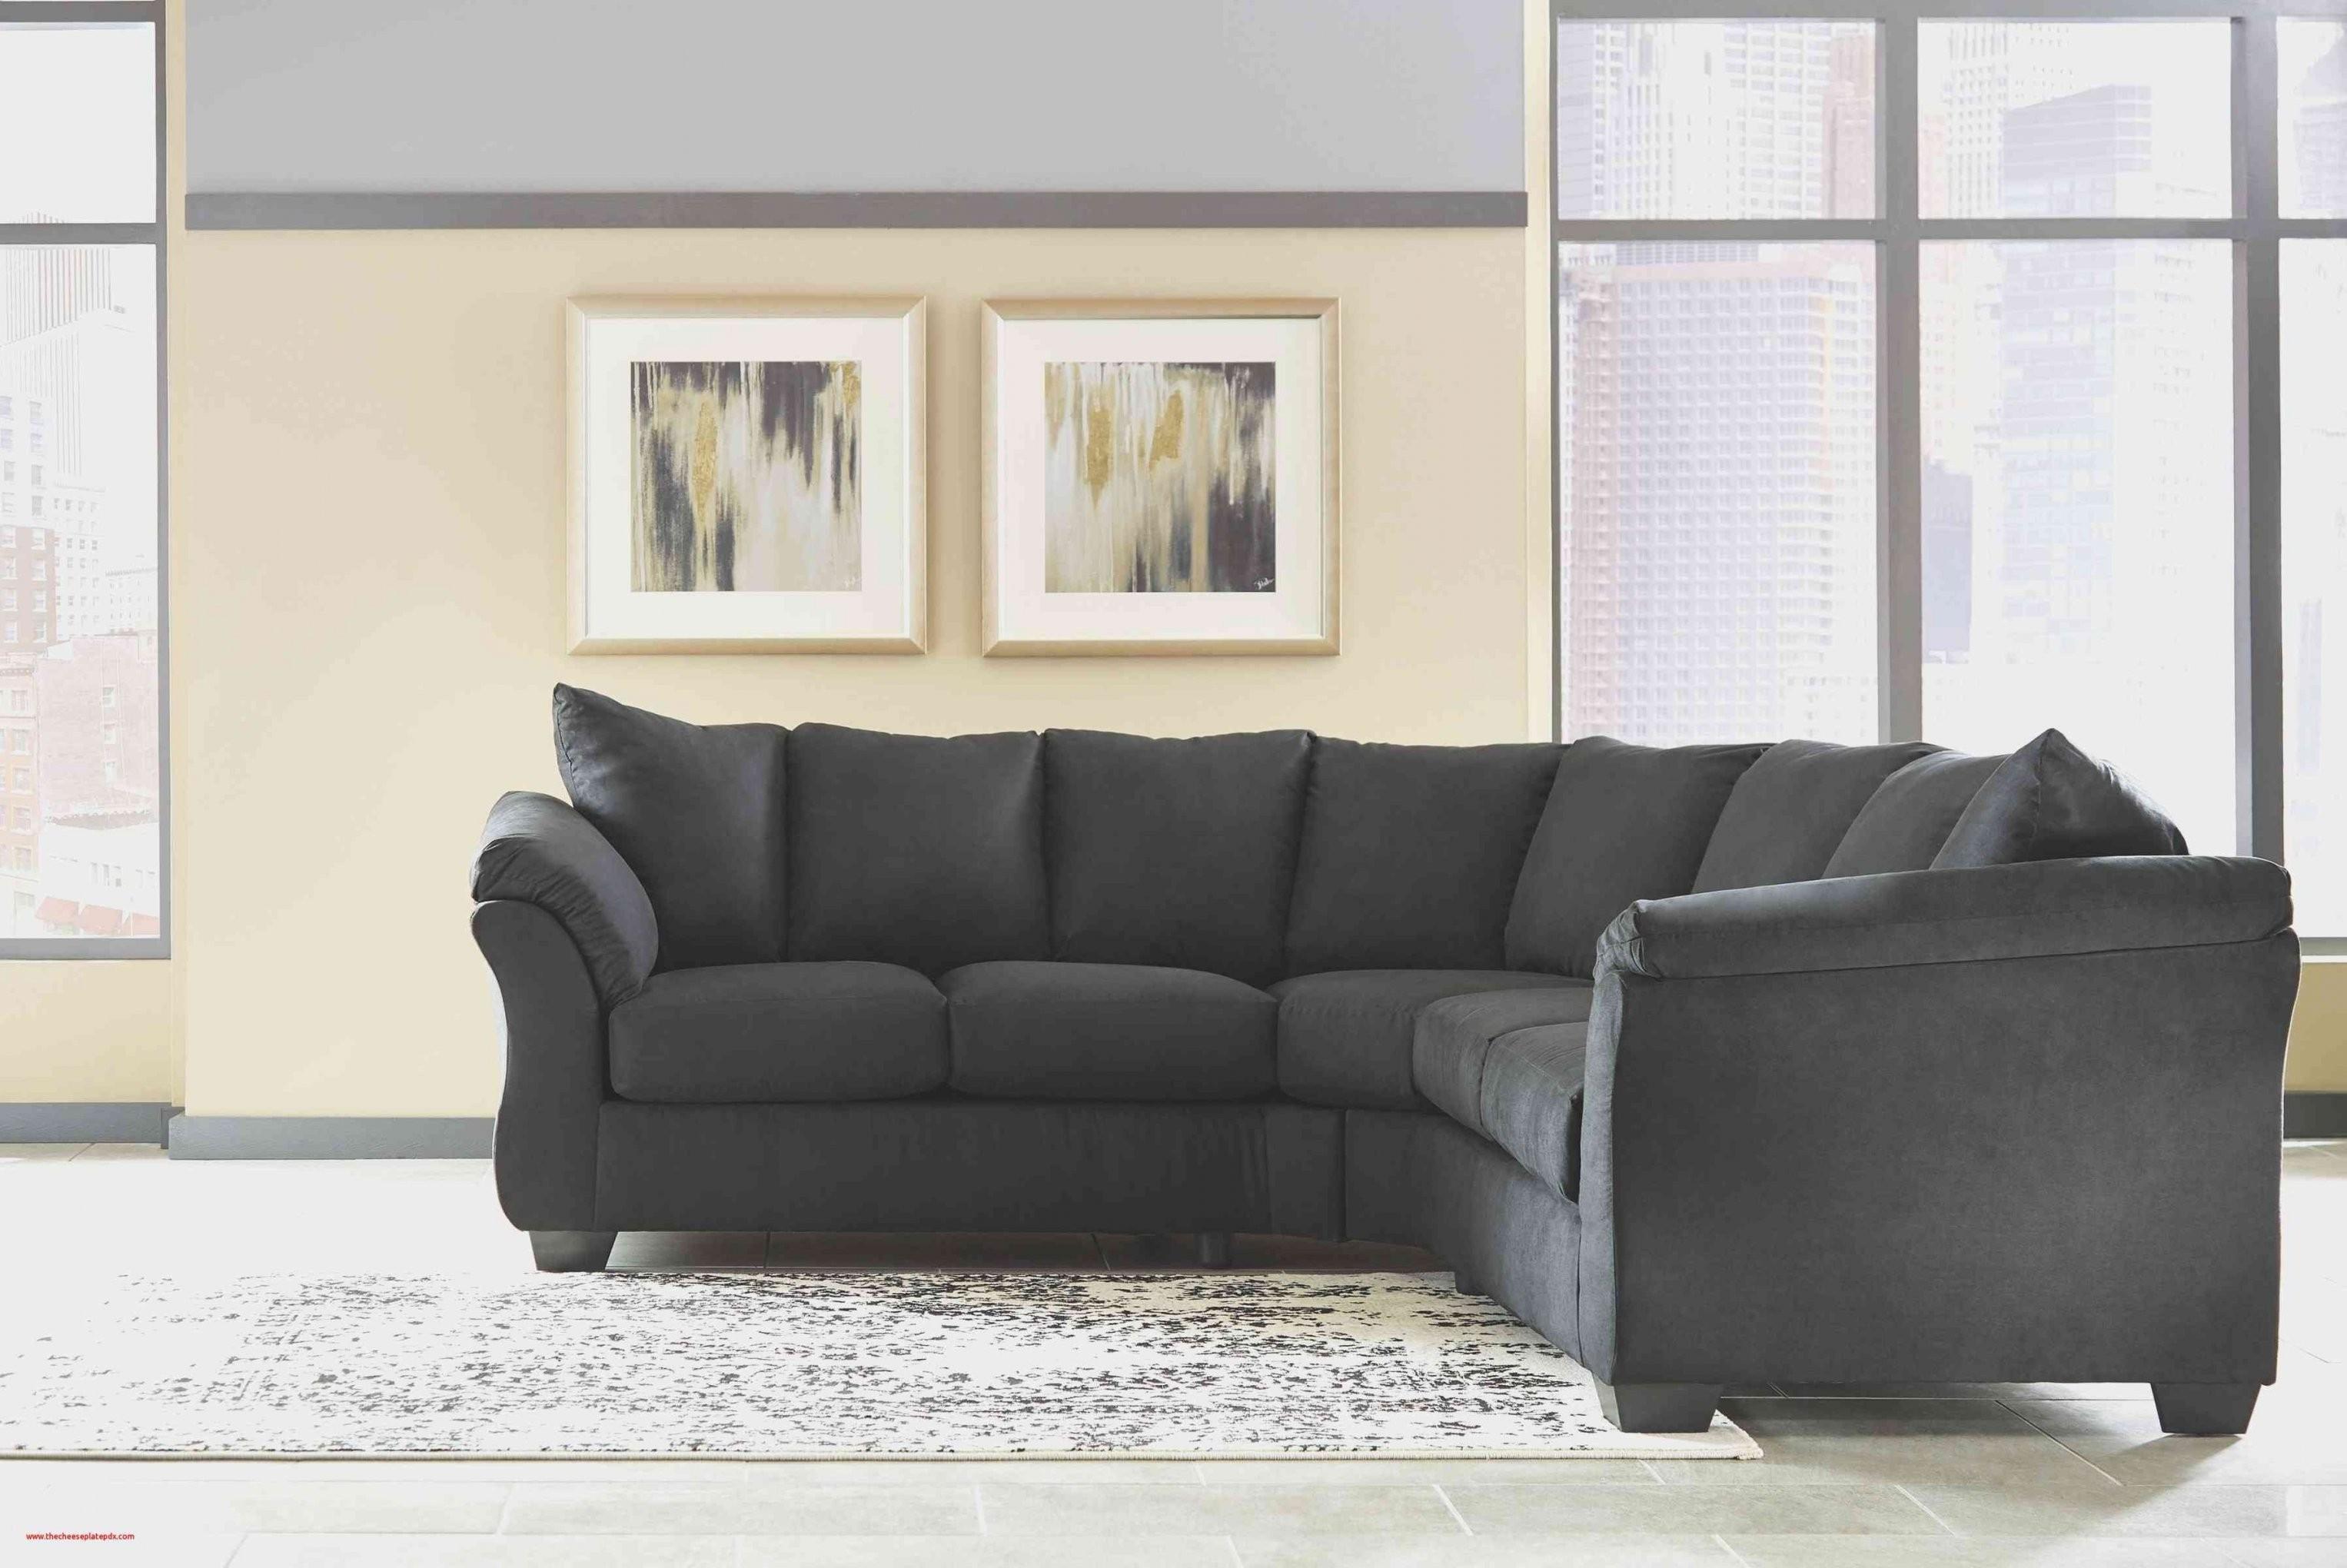 Schlafcouch Gebraucht Kaufen Elegant Kleine Schlafcouch Einzigartig von Sofa Landhausstil Gebraucht Bild